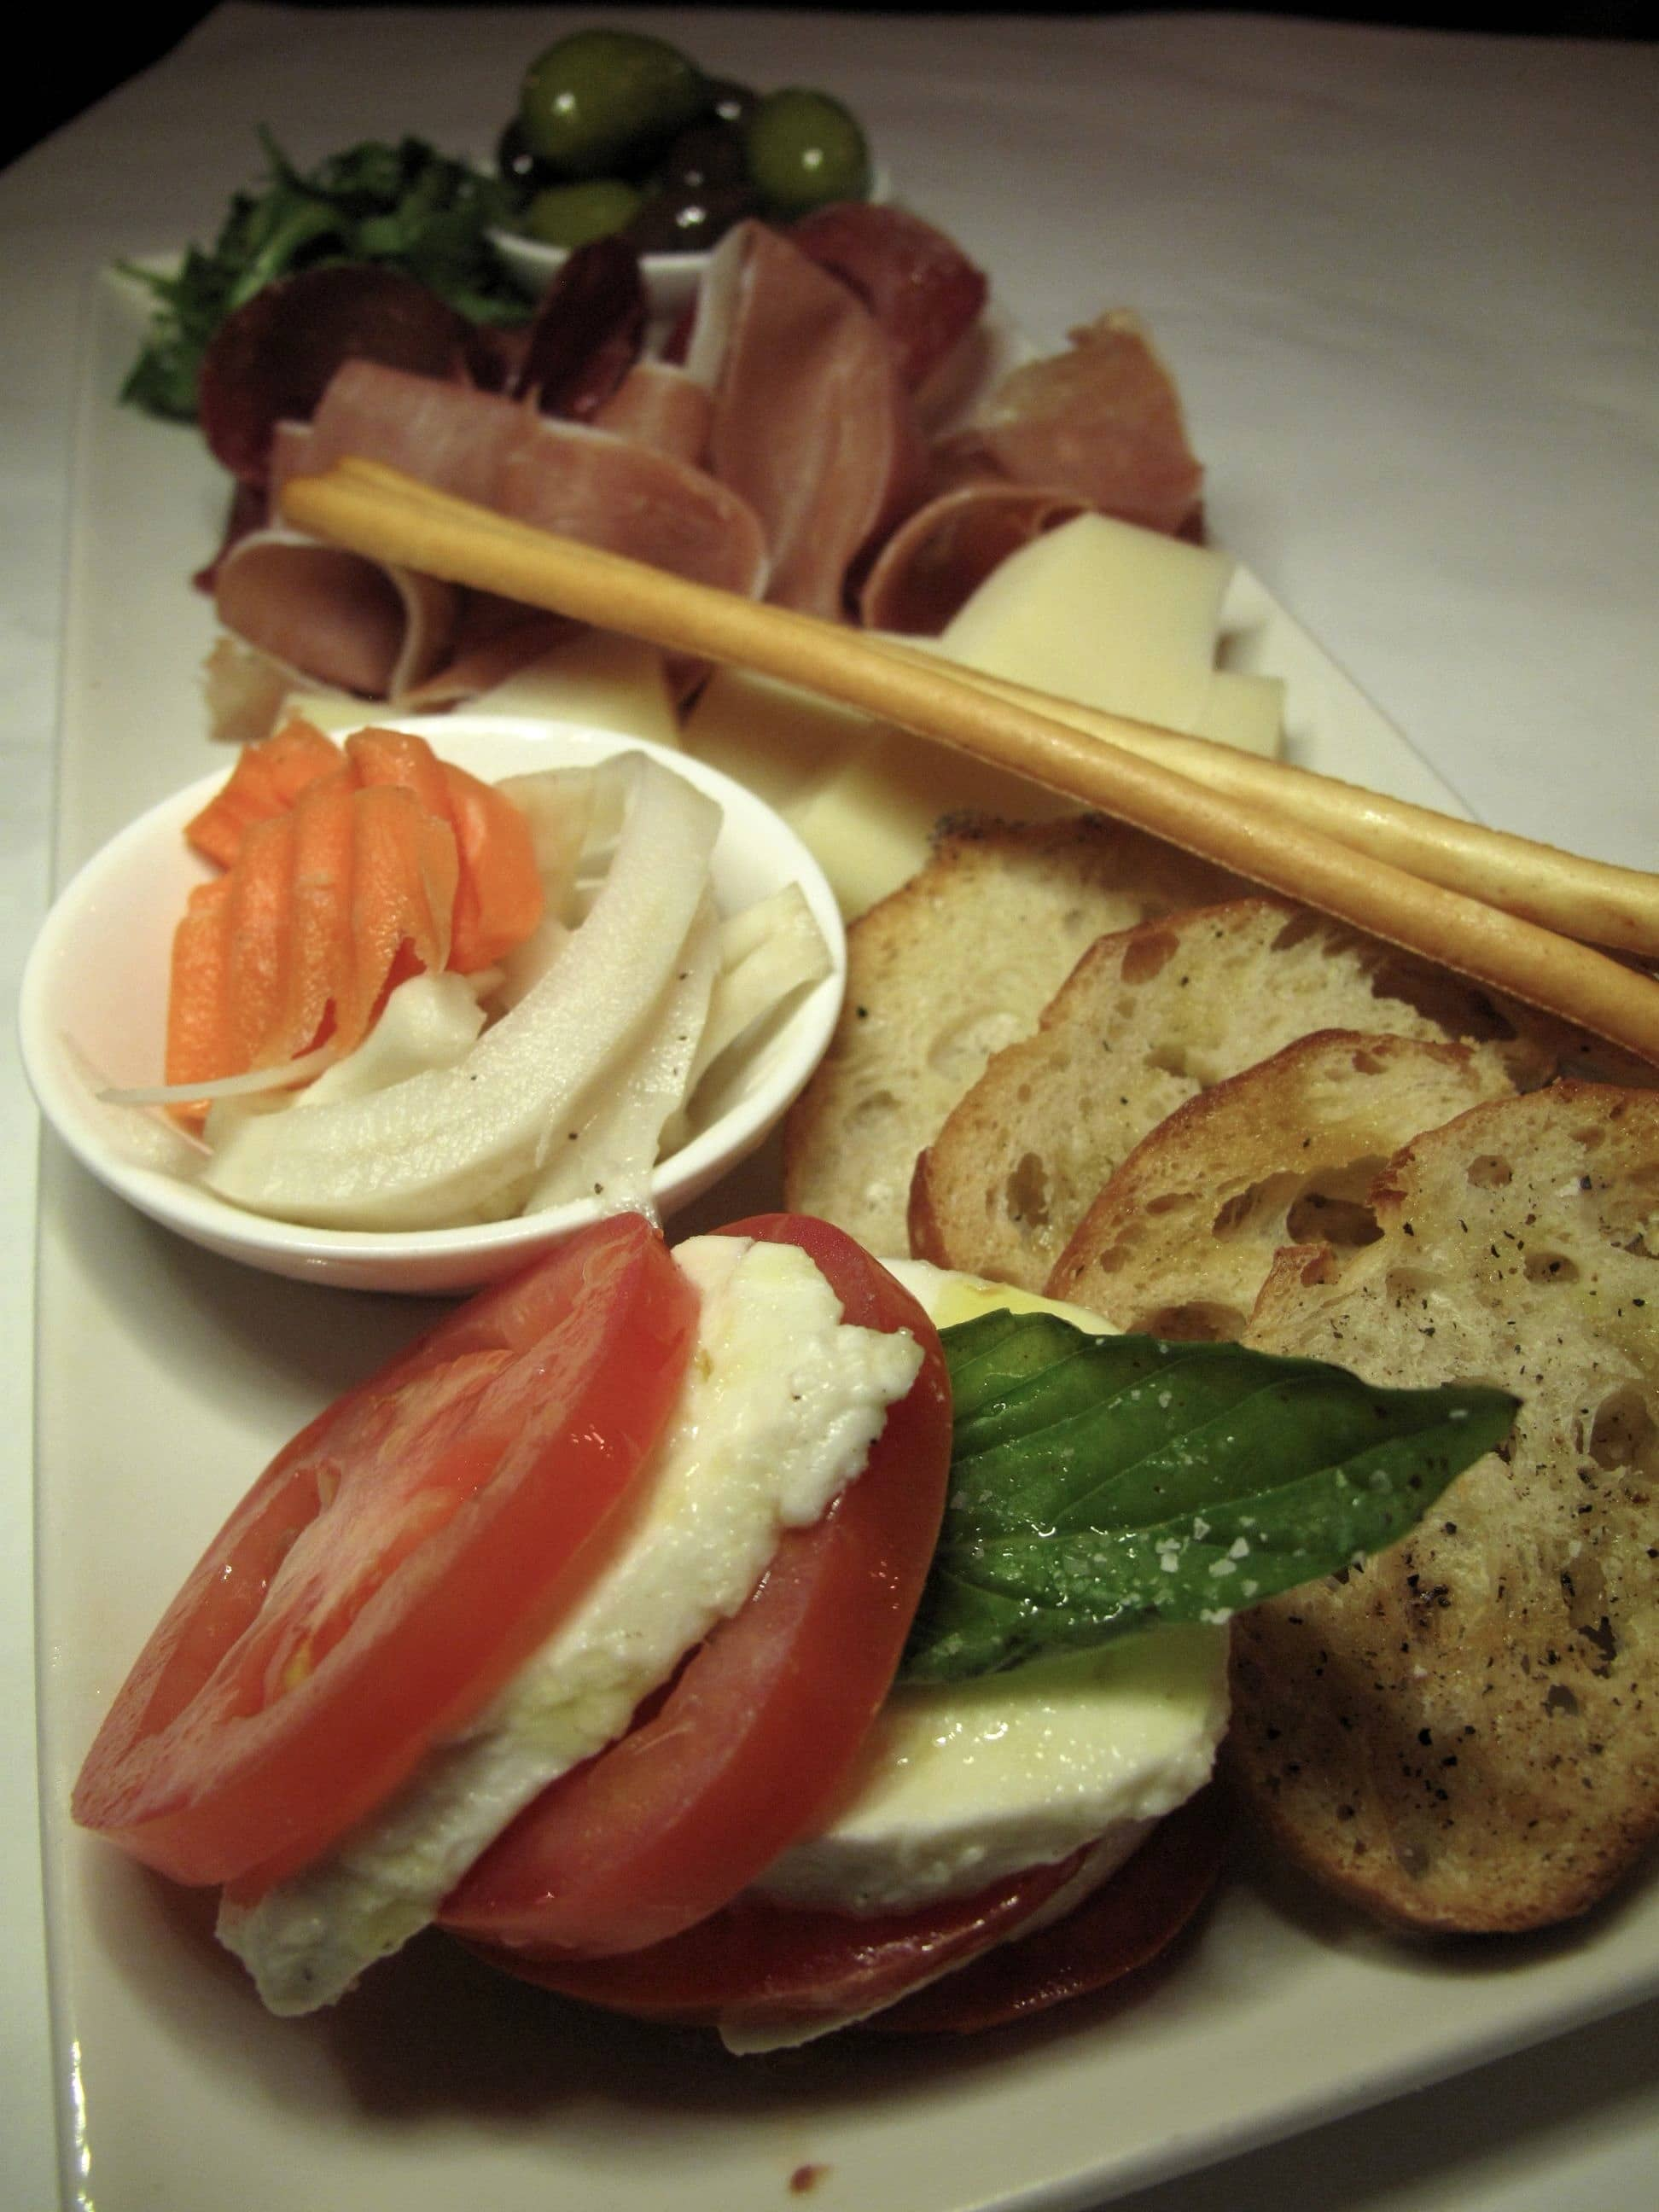 Cheese and charcuterie board at Il Fornello Danforth.